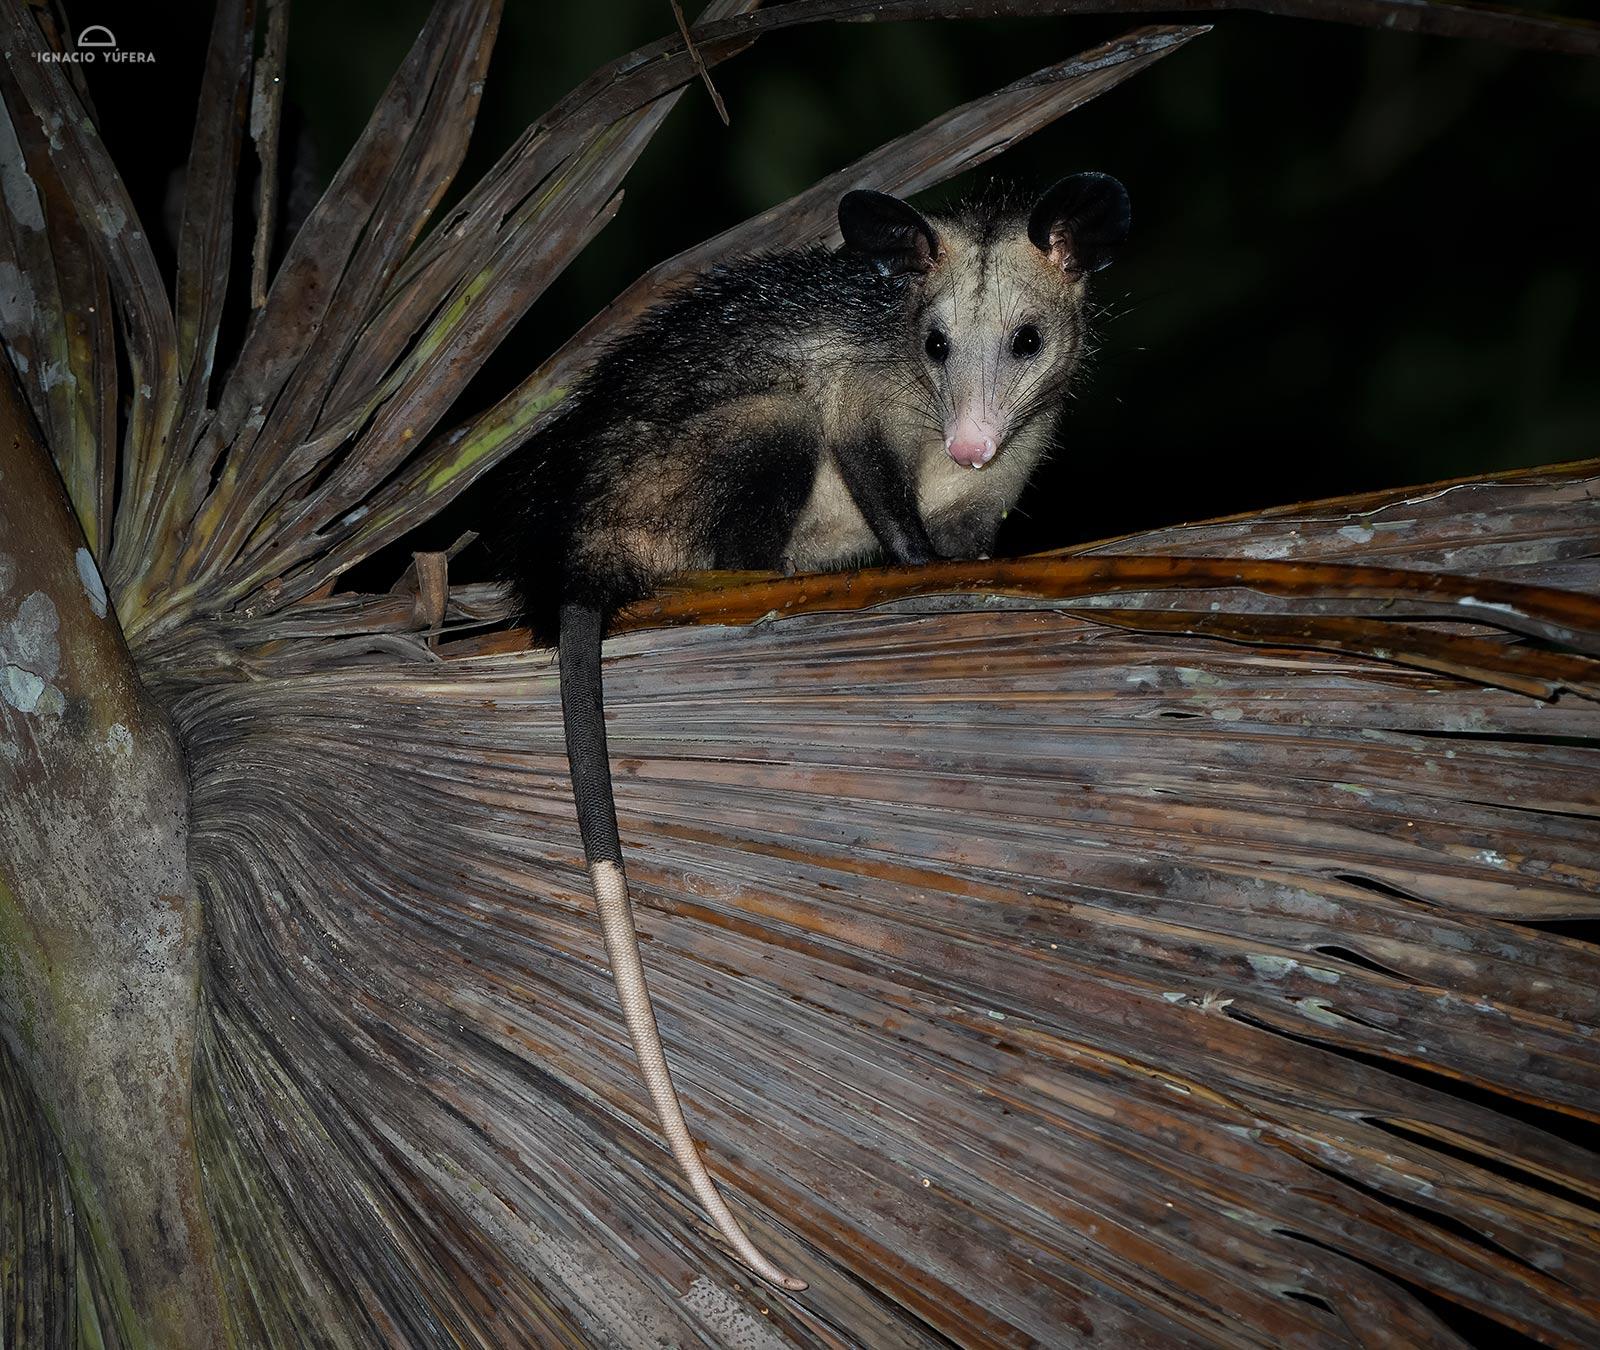 Common Opossum (Didelphis marsupialis), Madre de Dios, Peru